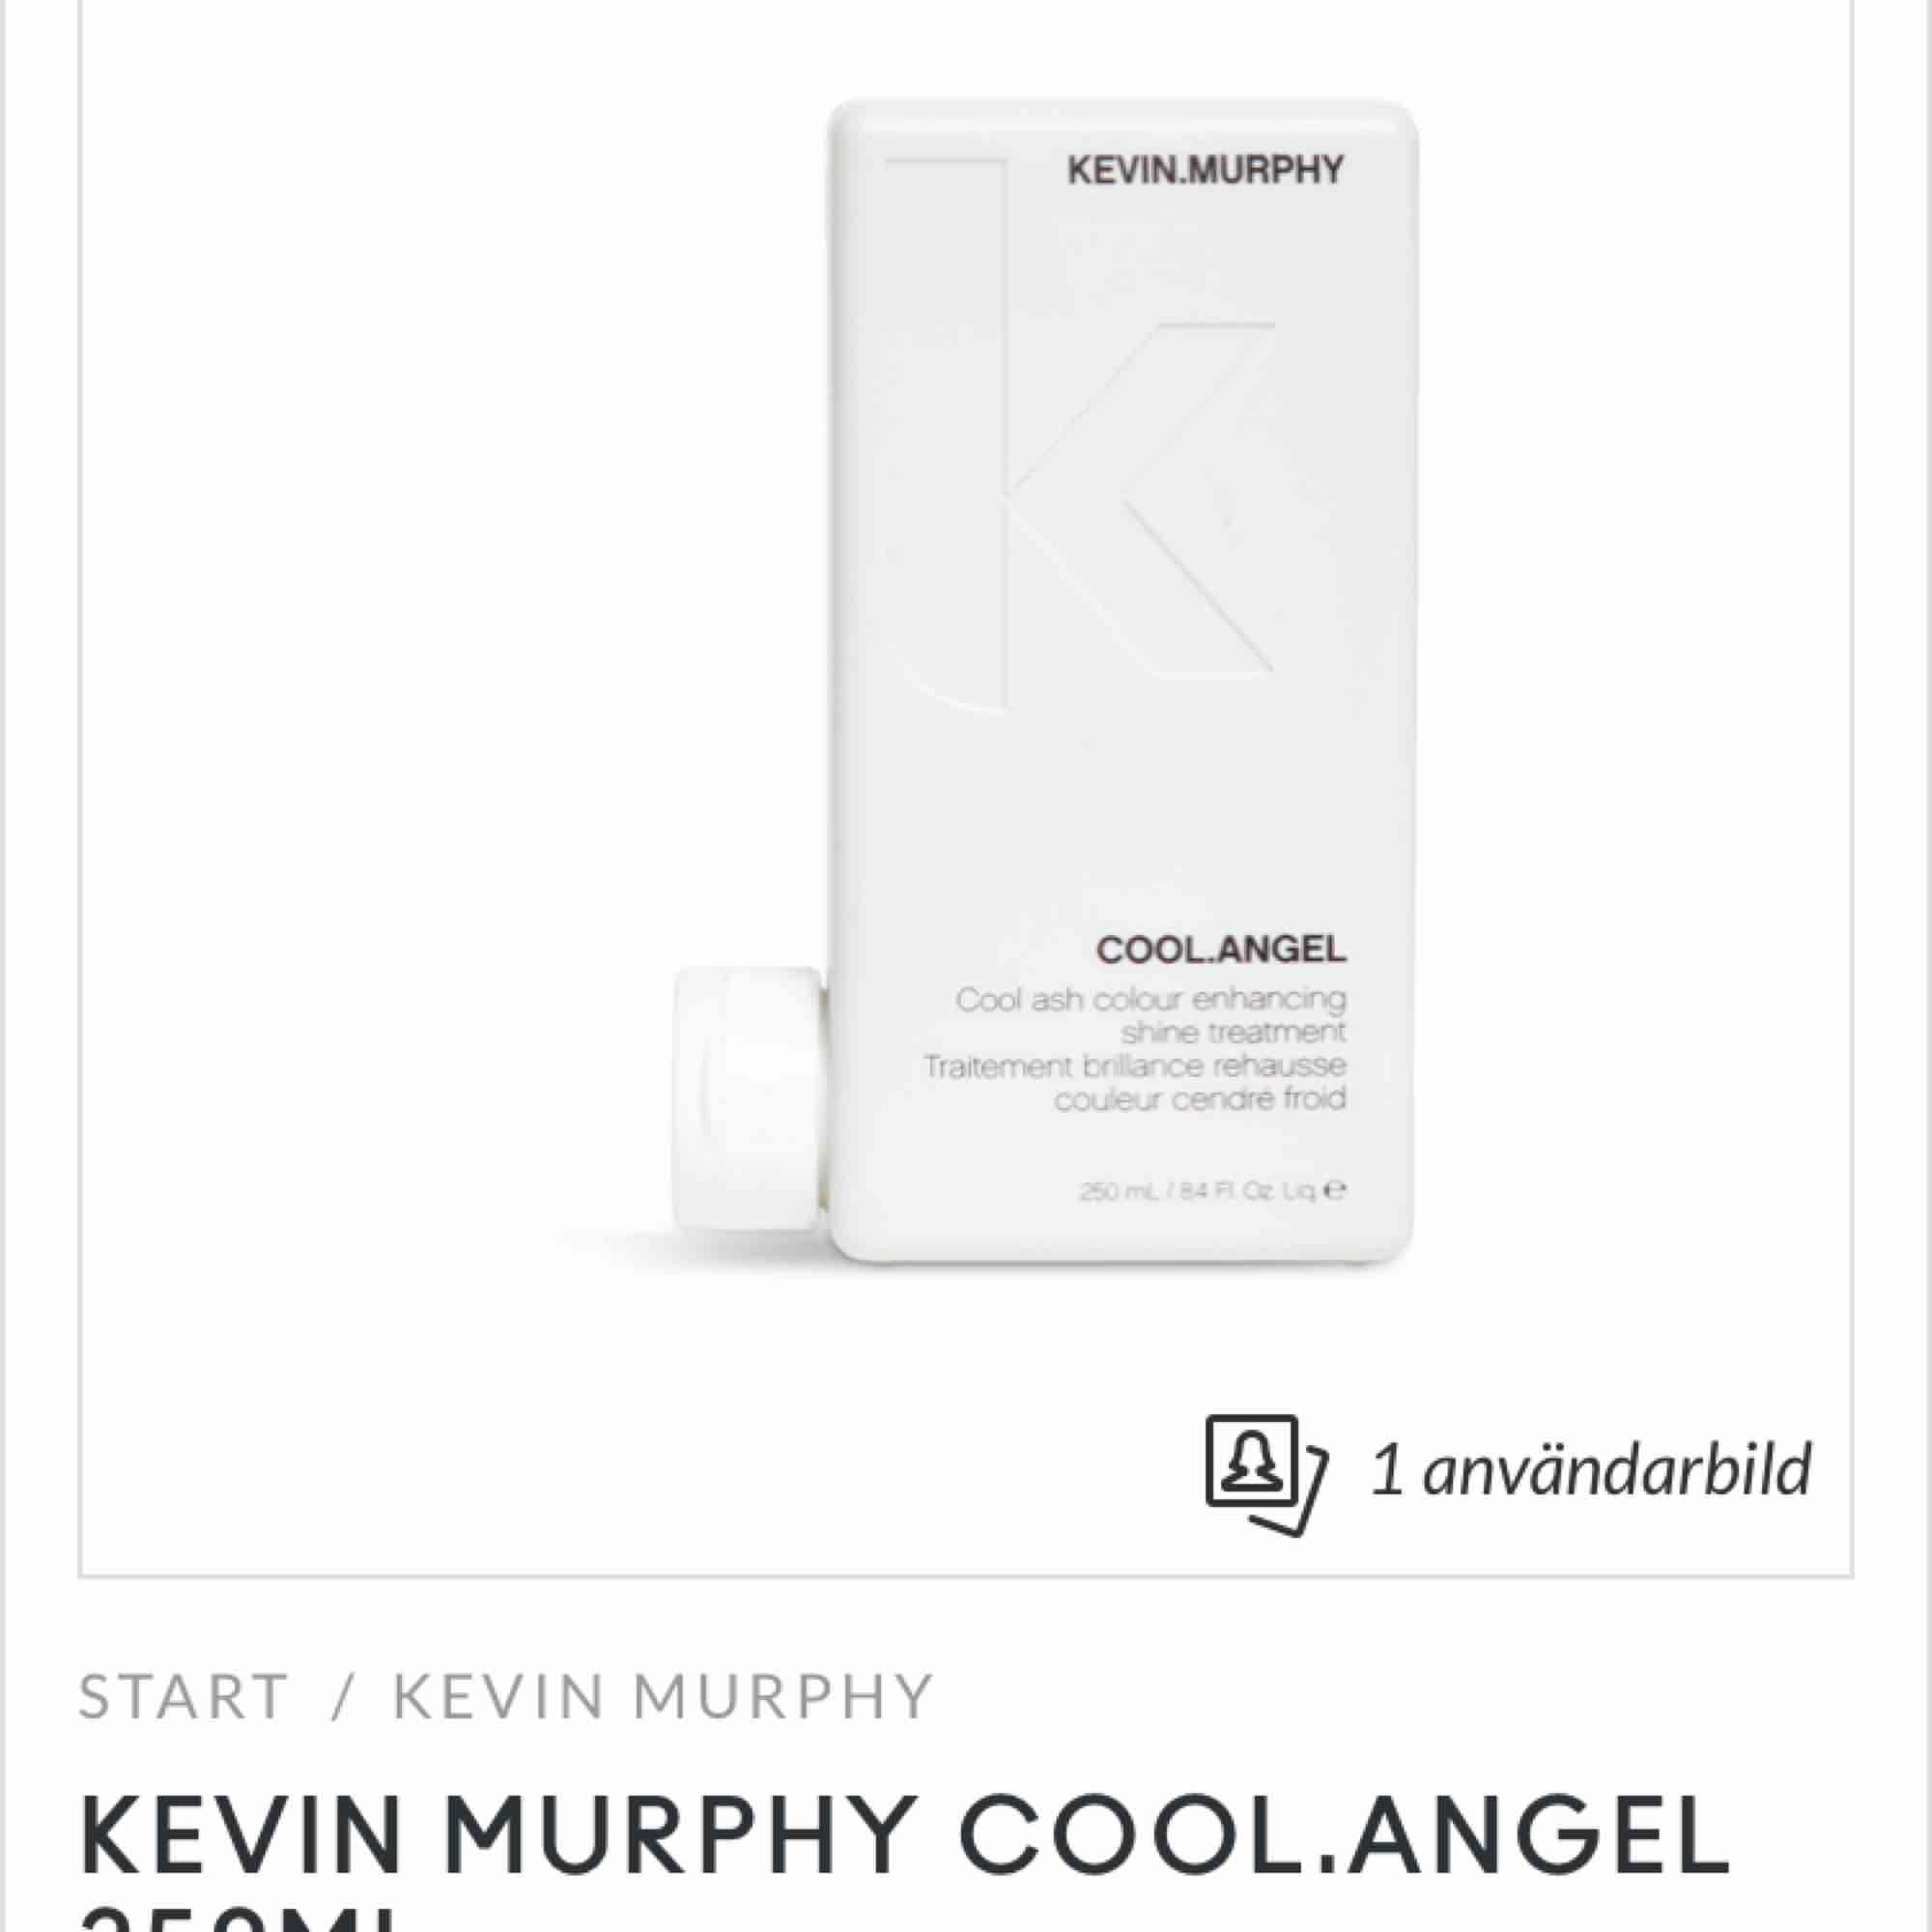 Säljer två Kevin murphy treatments, COOL ANGEL och BLONDE ANGEL  Endast testade, funkar bra men gillar mitt hår i den färgen det är så kommer ej till användning.   Båda för 300kr då dom kostar 269kr styck. Köparen står för frakten!. Övrigt.